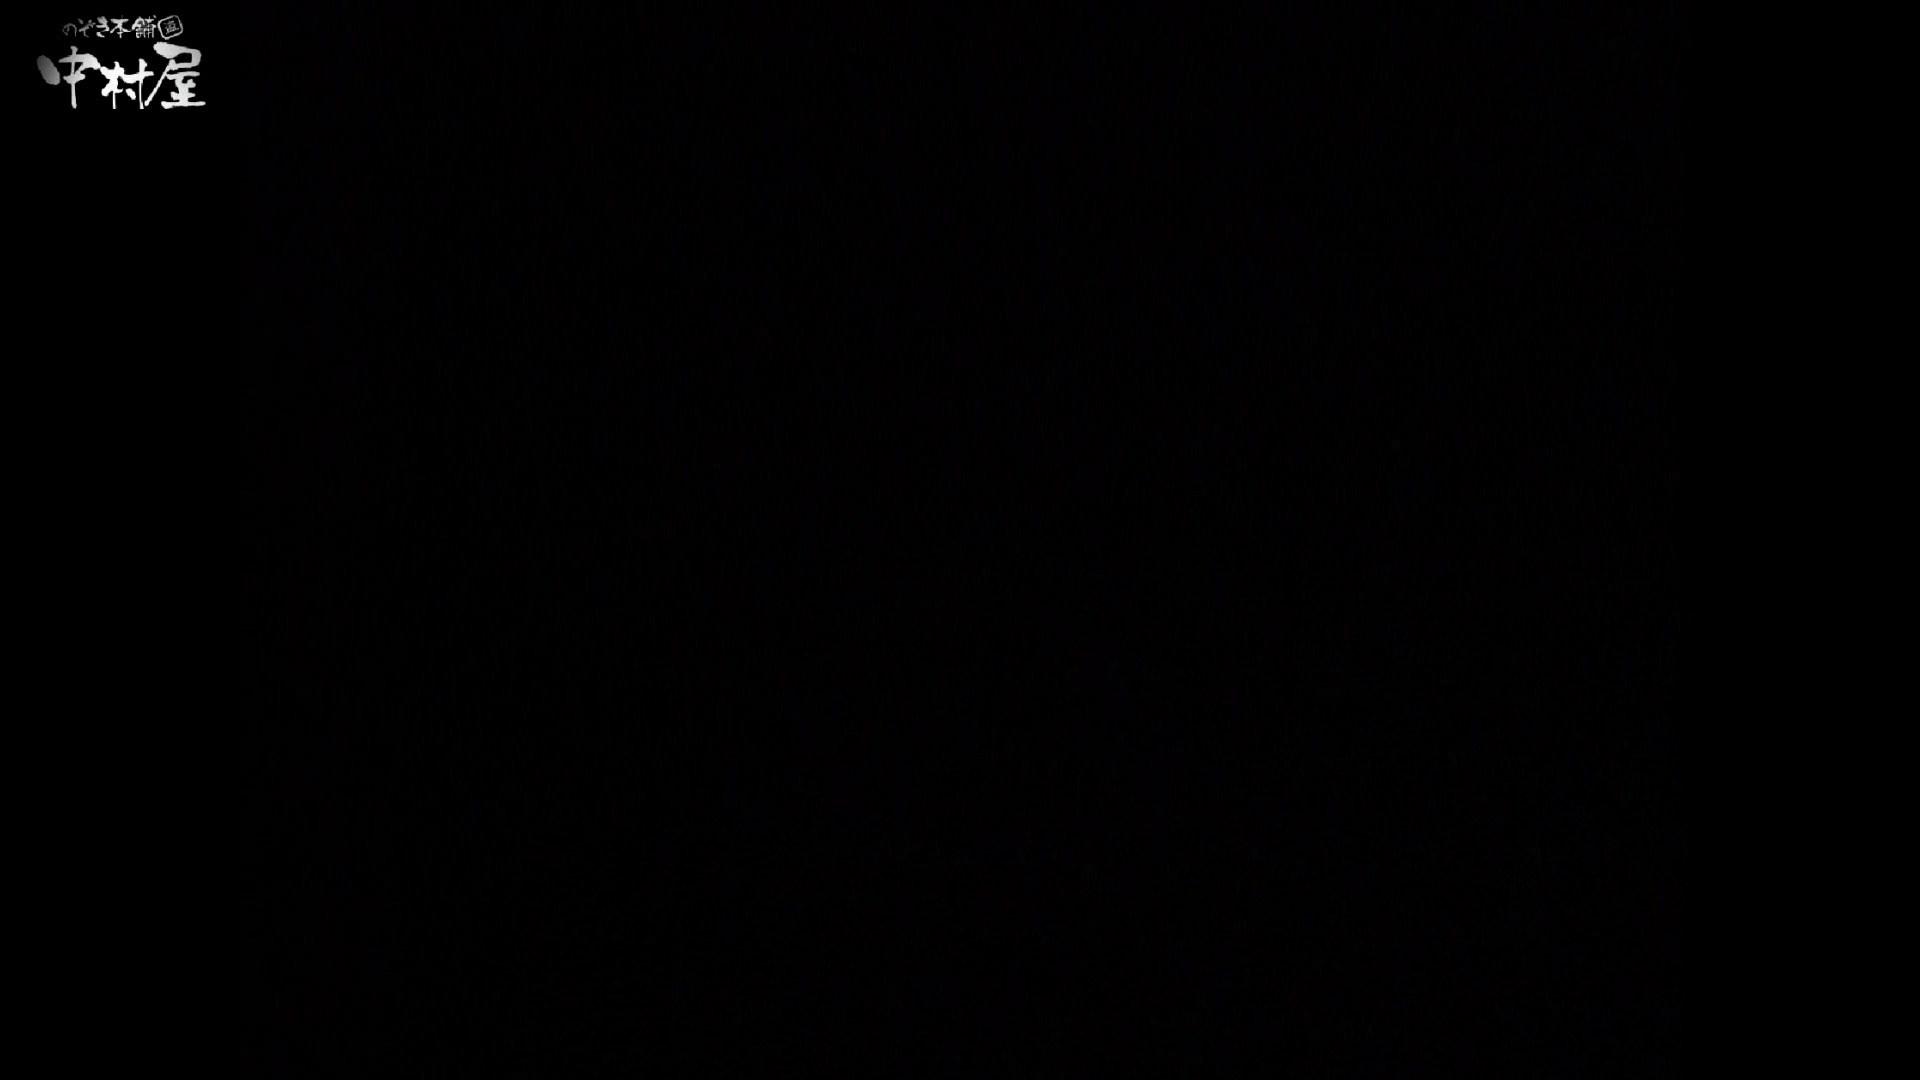 民家風呂専門盗撮師の超危険映像 vol.016 民家 おまんこ無修正動画無料 72連発 28